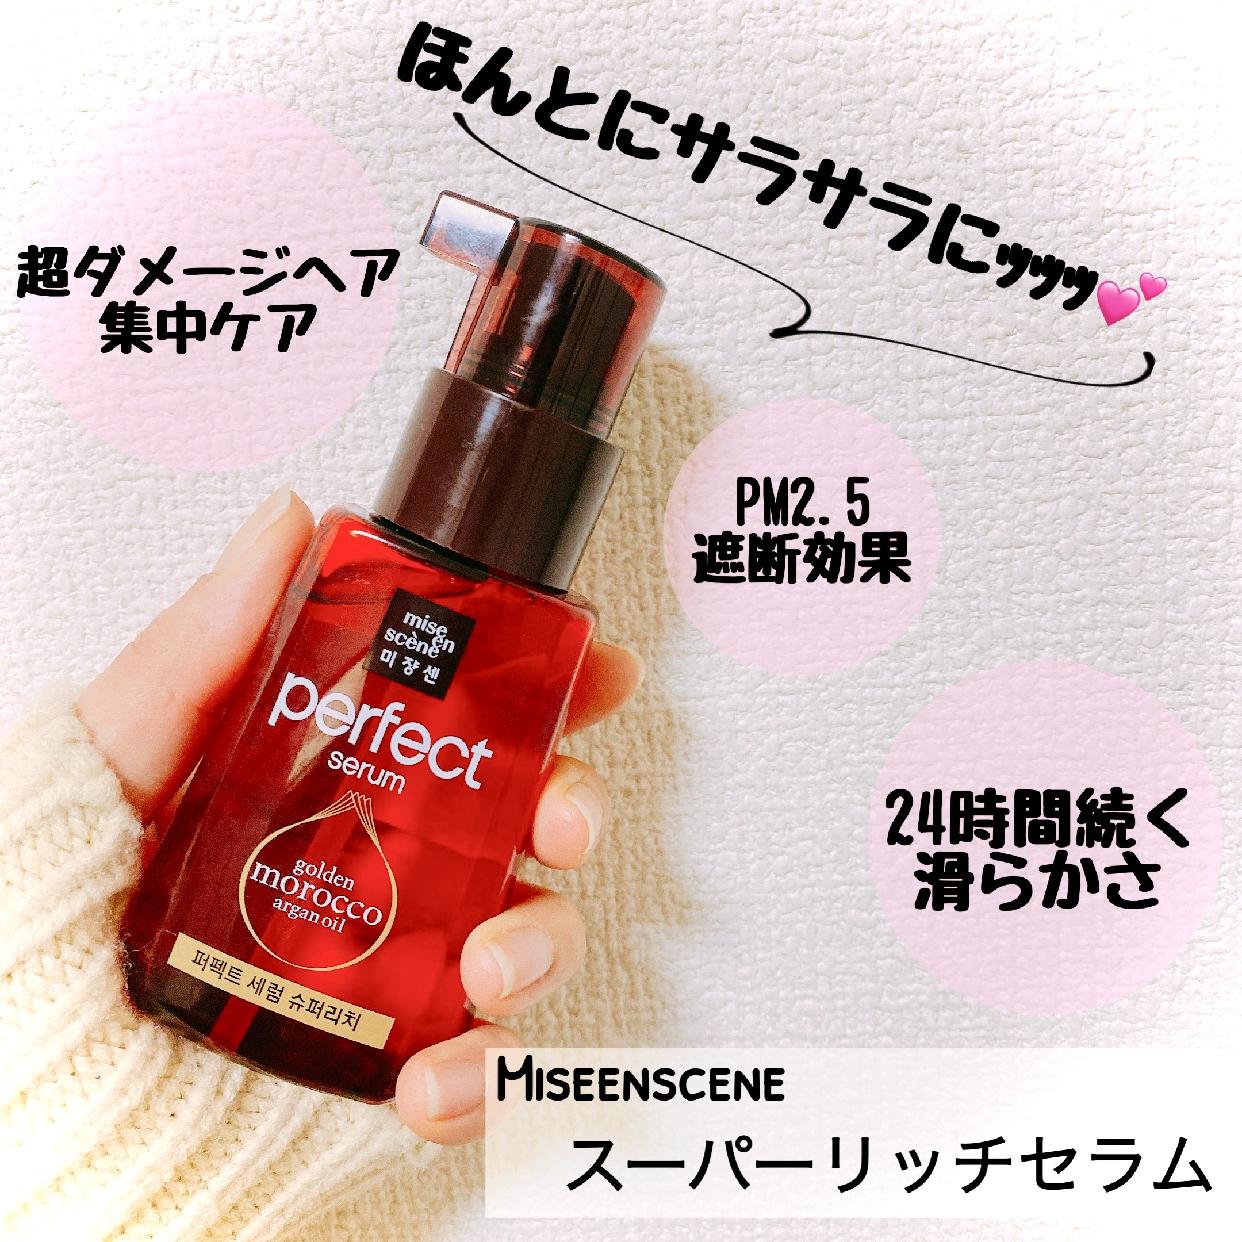 mise en scene(ミジャンセン) パーフェクト ローズパフュームセラムを使ったChihiroさんのクチコミ画像